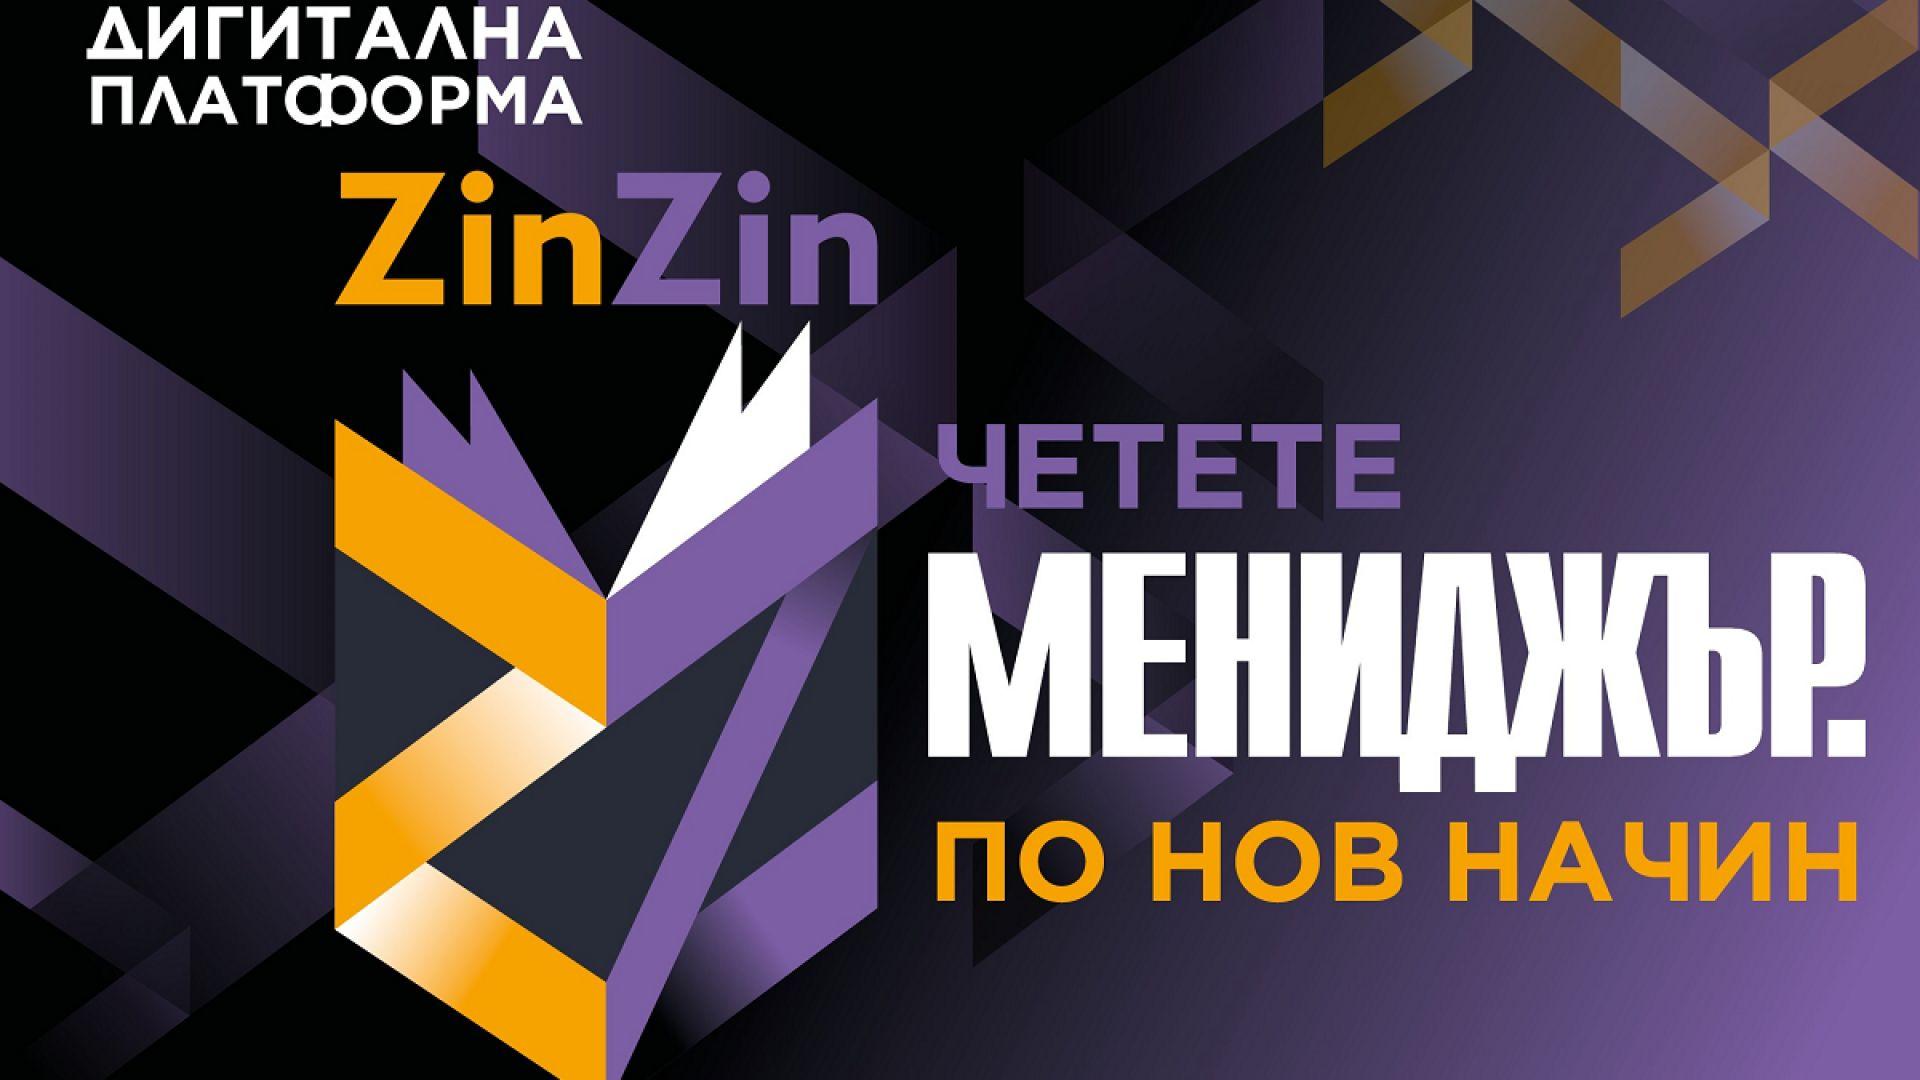 """Дигитална платформа ZinZin - Четете """"Мениджър"""" по нов начин"""